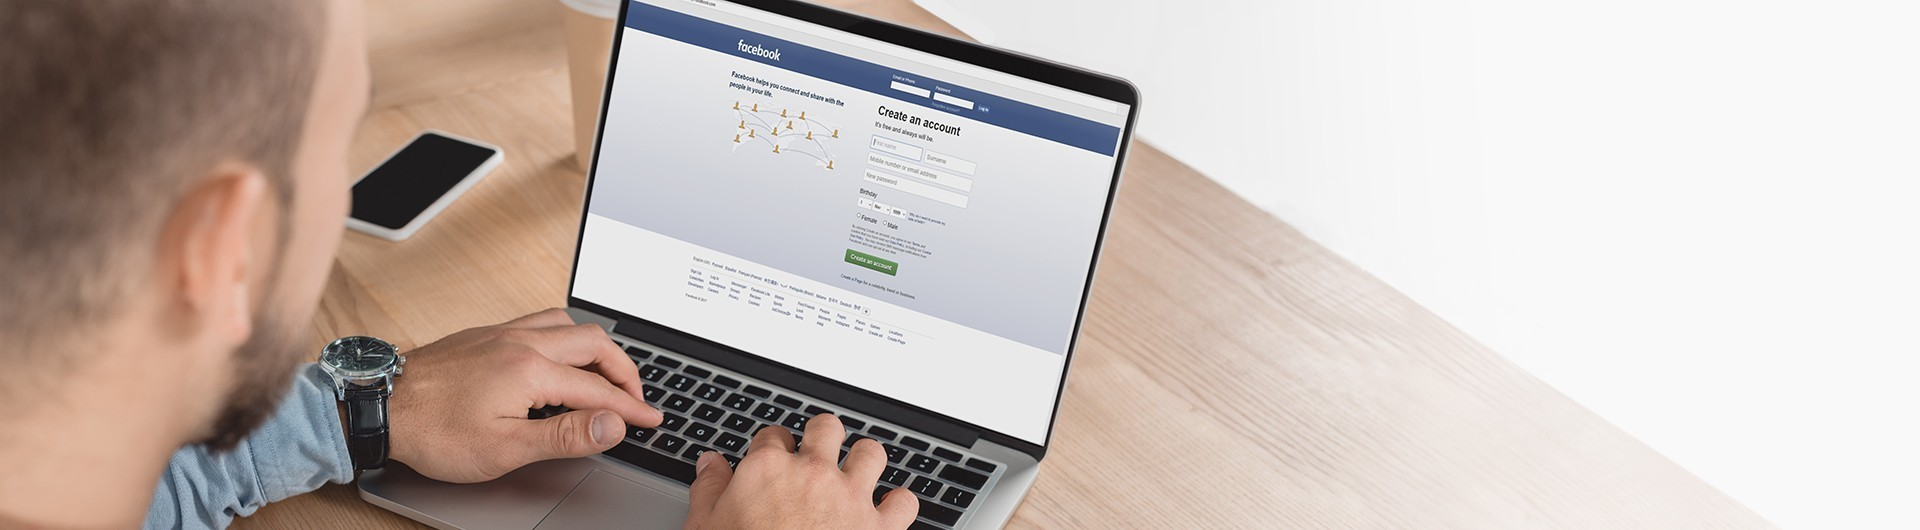 קידום מכירות בפייסבוק